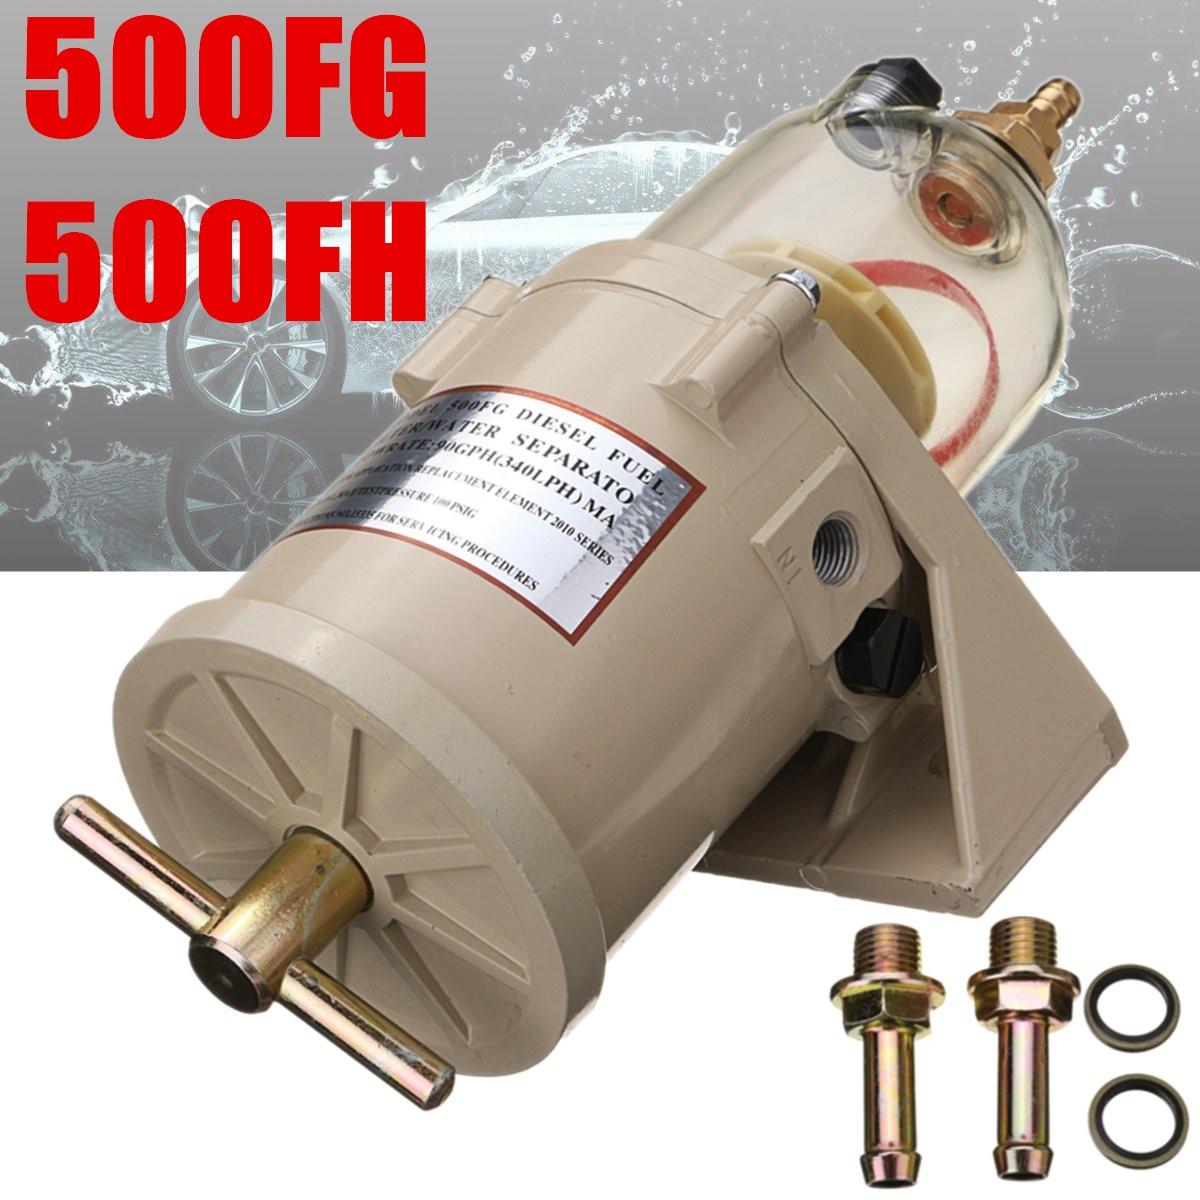 Новый 500FG 500FH дизель-Морская Лодка фильтр/водоотделитель топливный фильтр водоотделитель подходит для дизельного двигателя